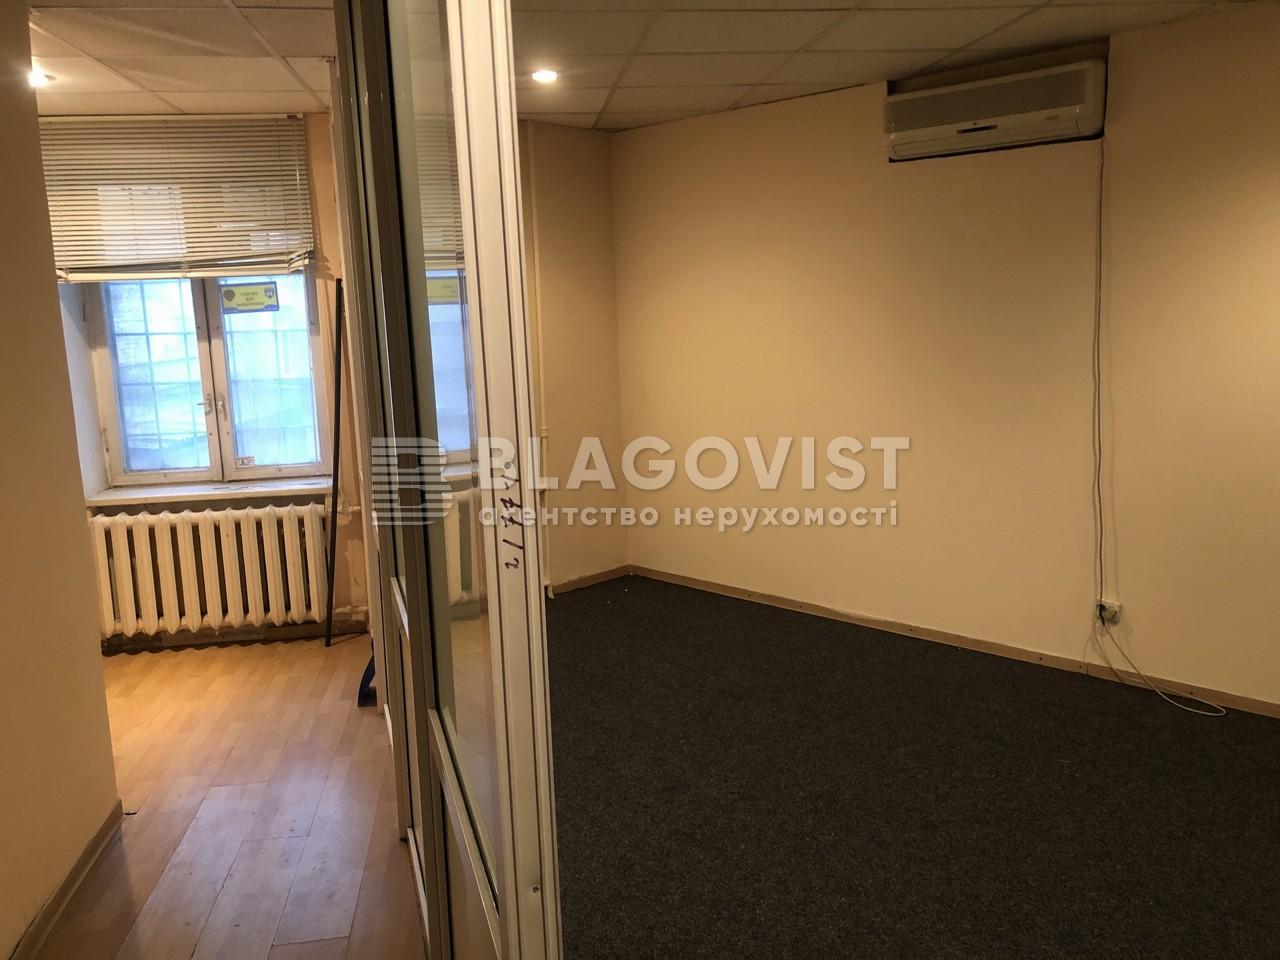 Квартира C-109019, Бассейная, 10, Киев - Фото 9